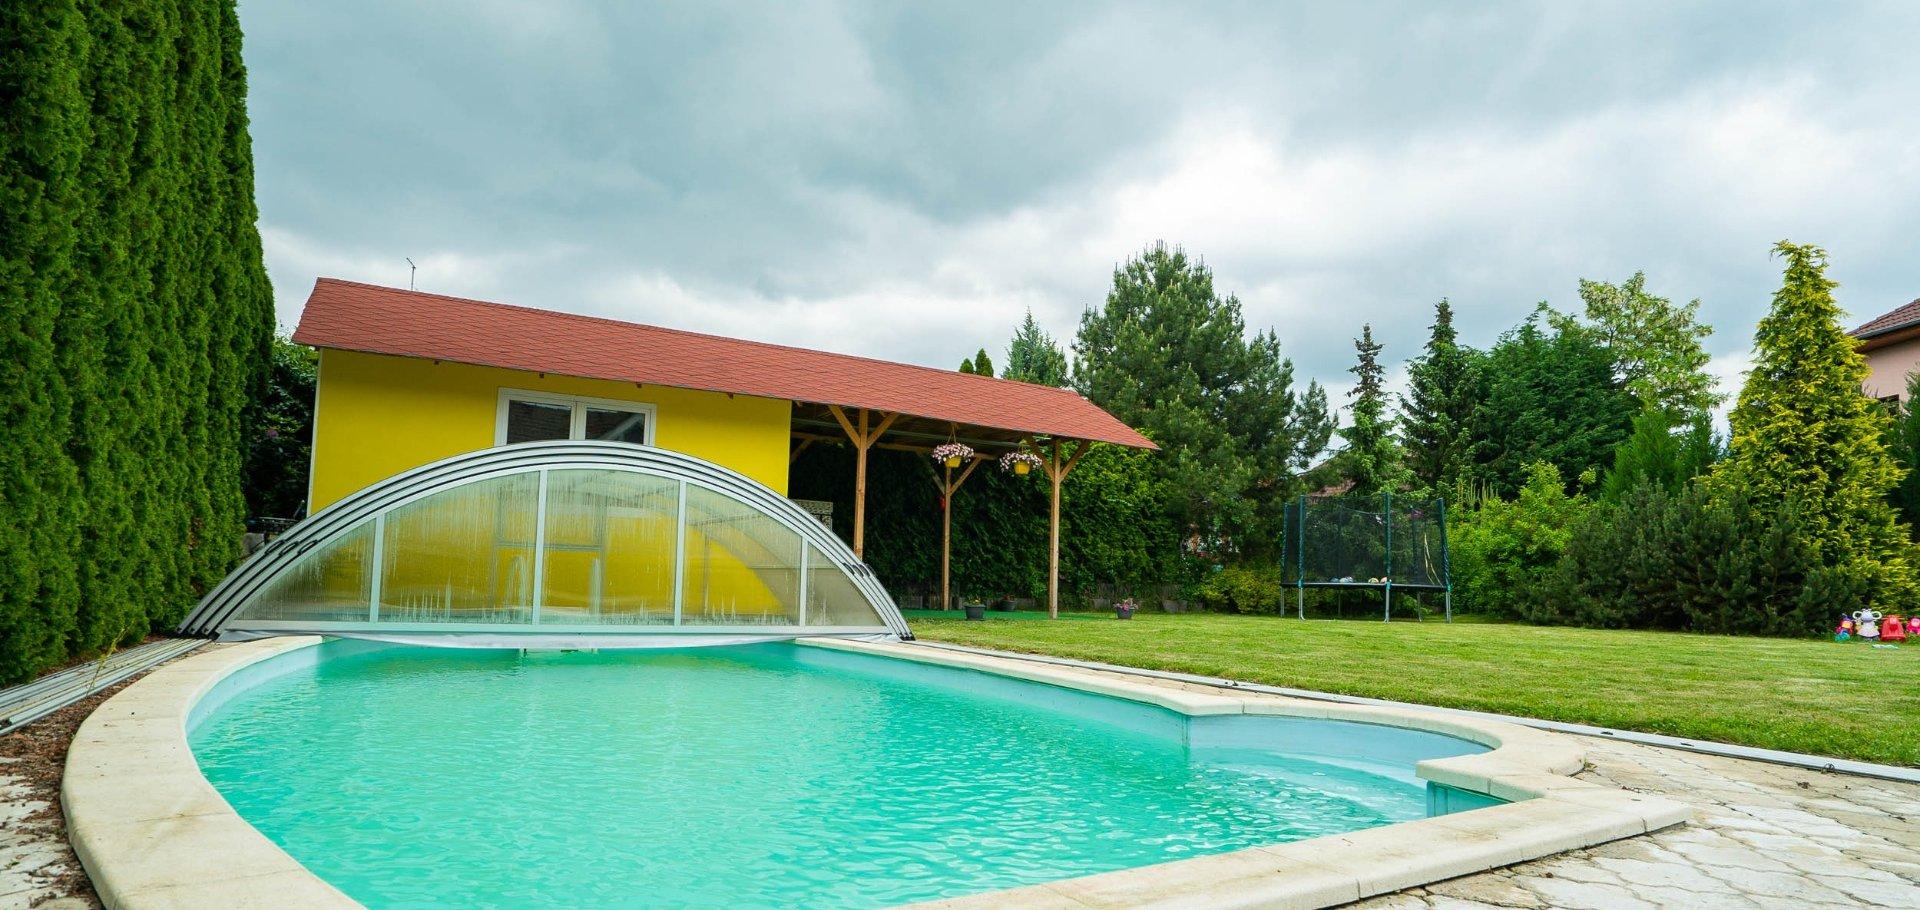 Rodinný dům s krytým bazénem